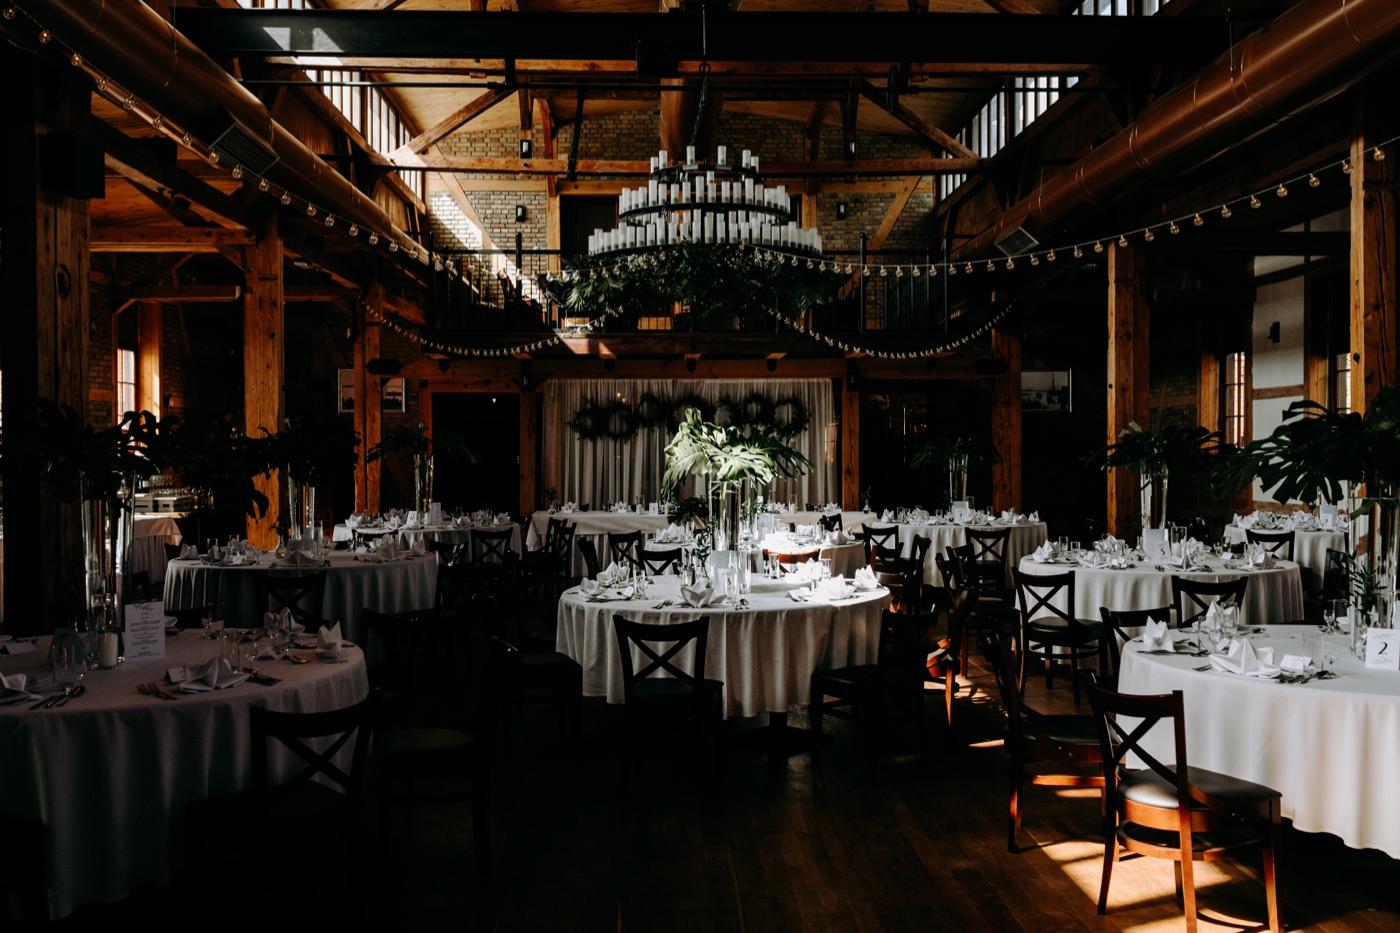 Rustykalne Wesele - Hotel Trzy Korony *** 2020 1